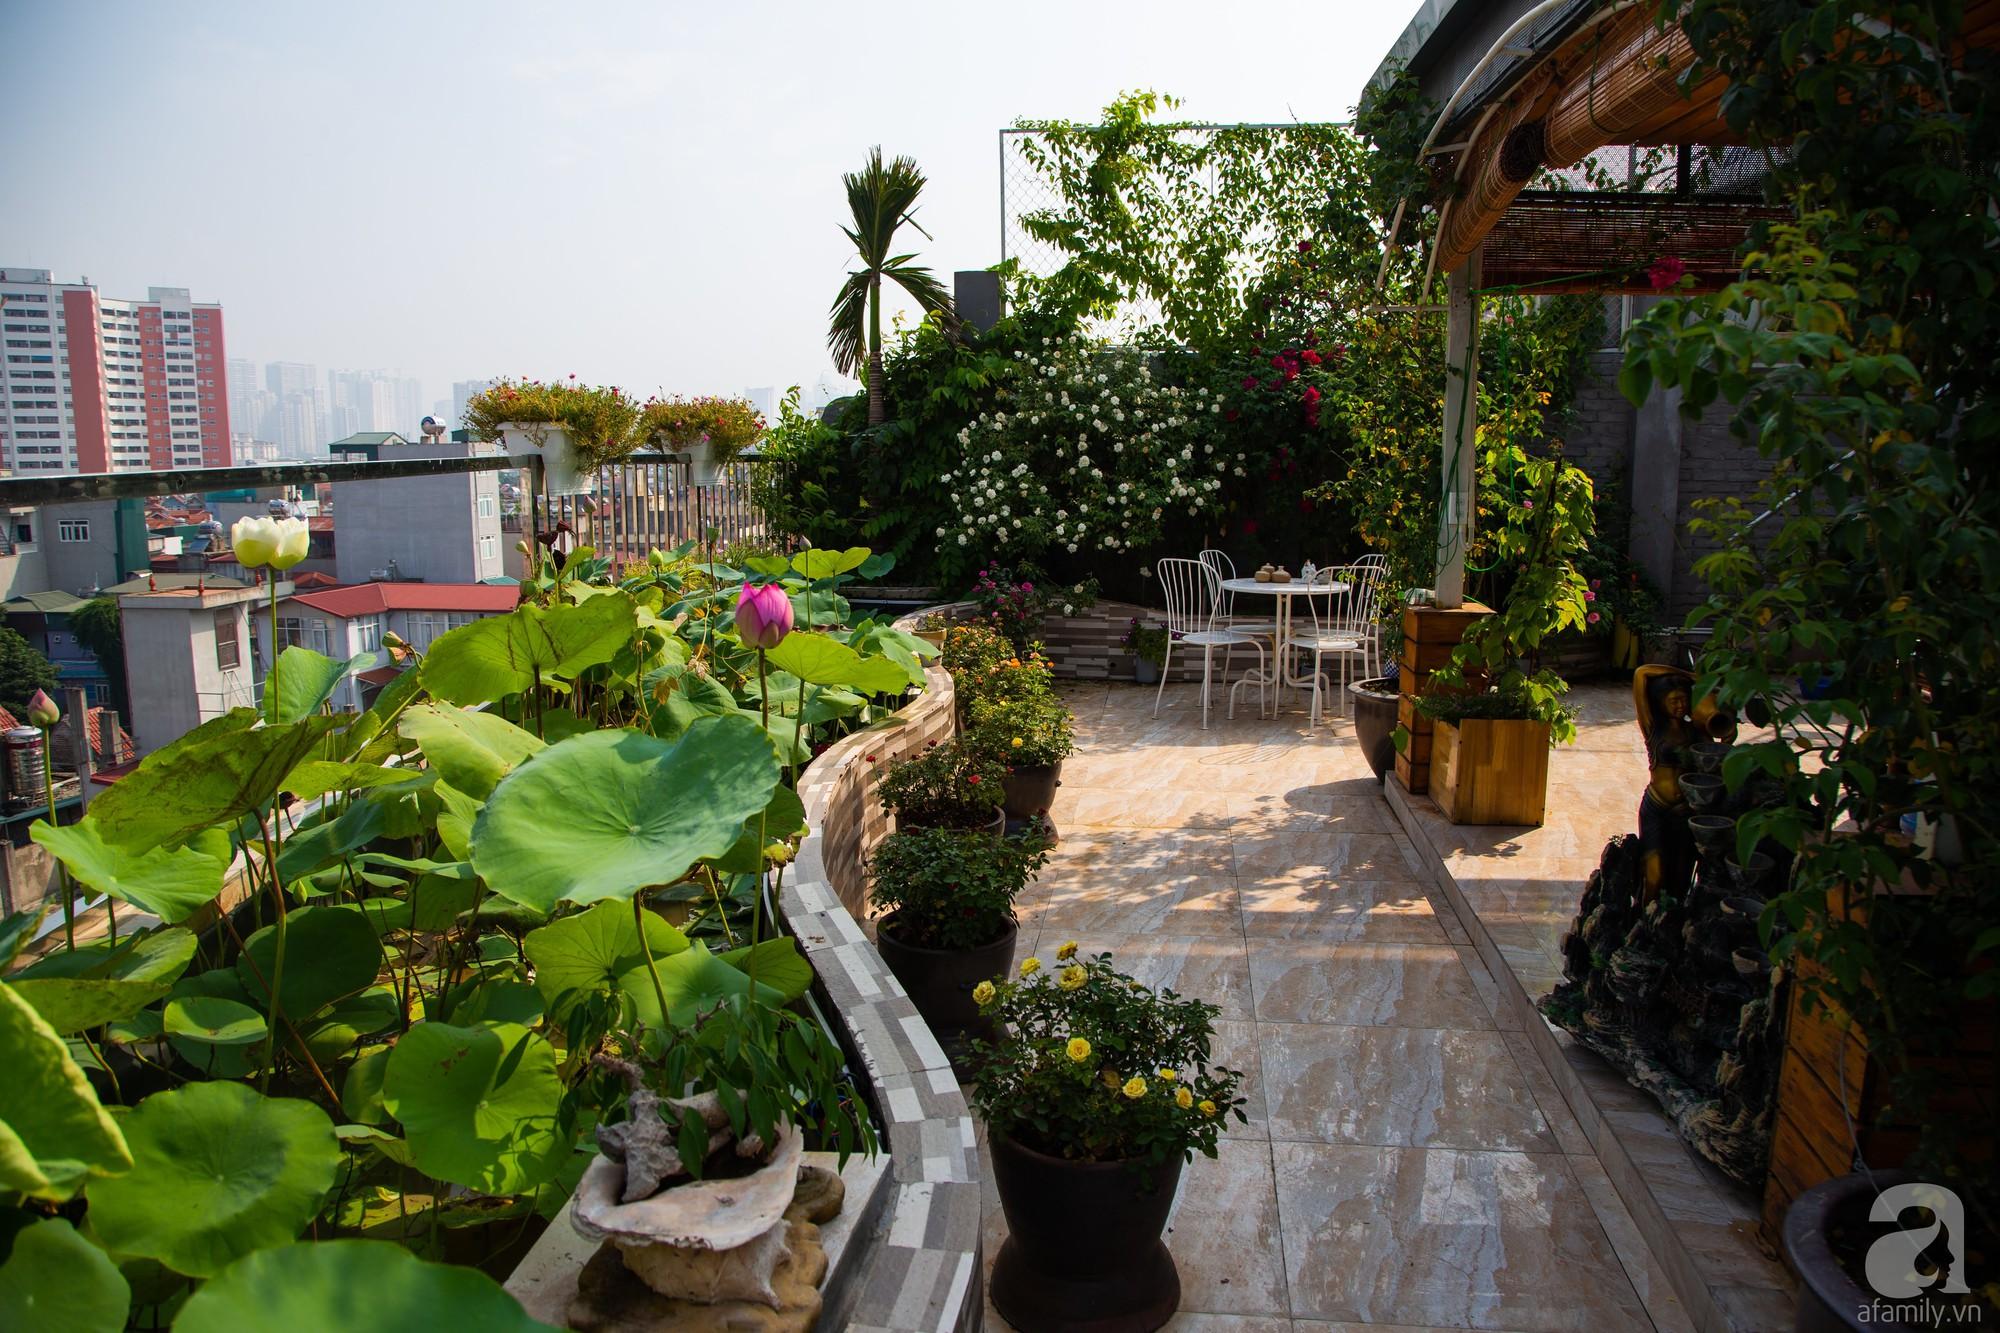 Khu vườn trên sân thượng rộng 200m² đẹp ngỡ ngàng với trăm loài hoa đua nhau khoe sắc ở Hà Nội - Ảnh 16.